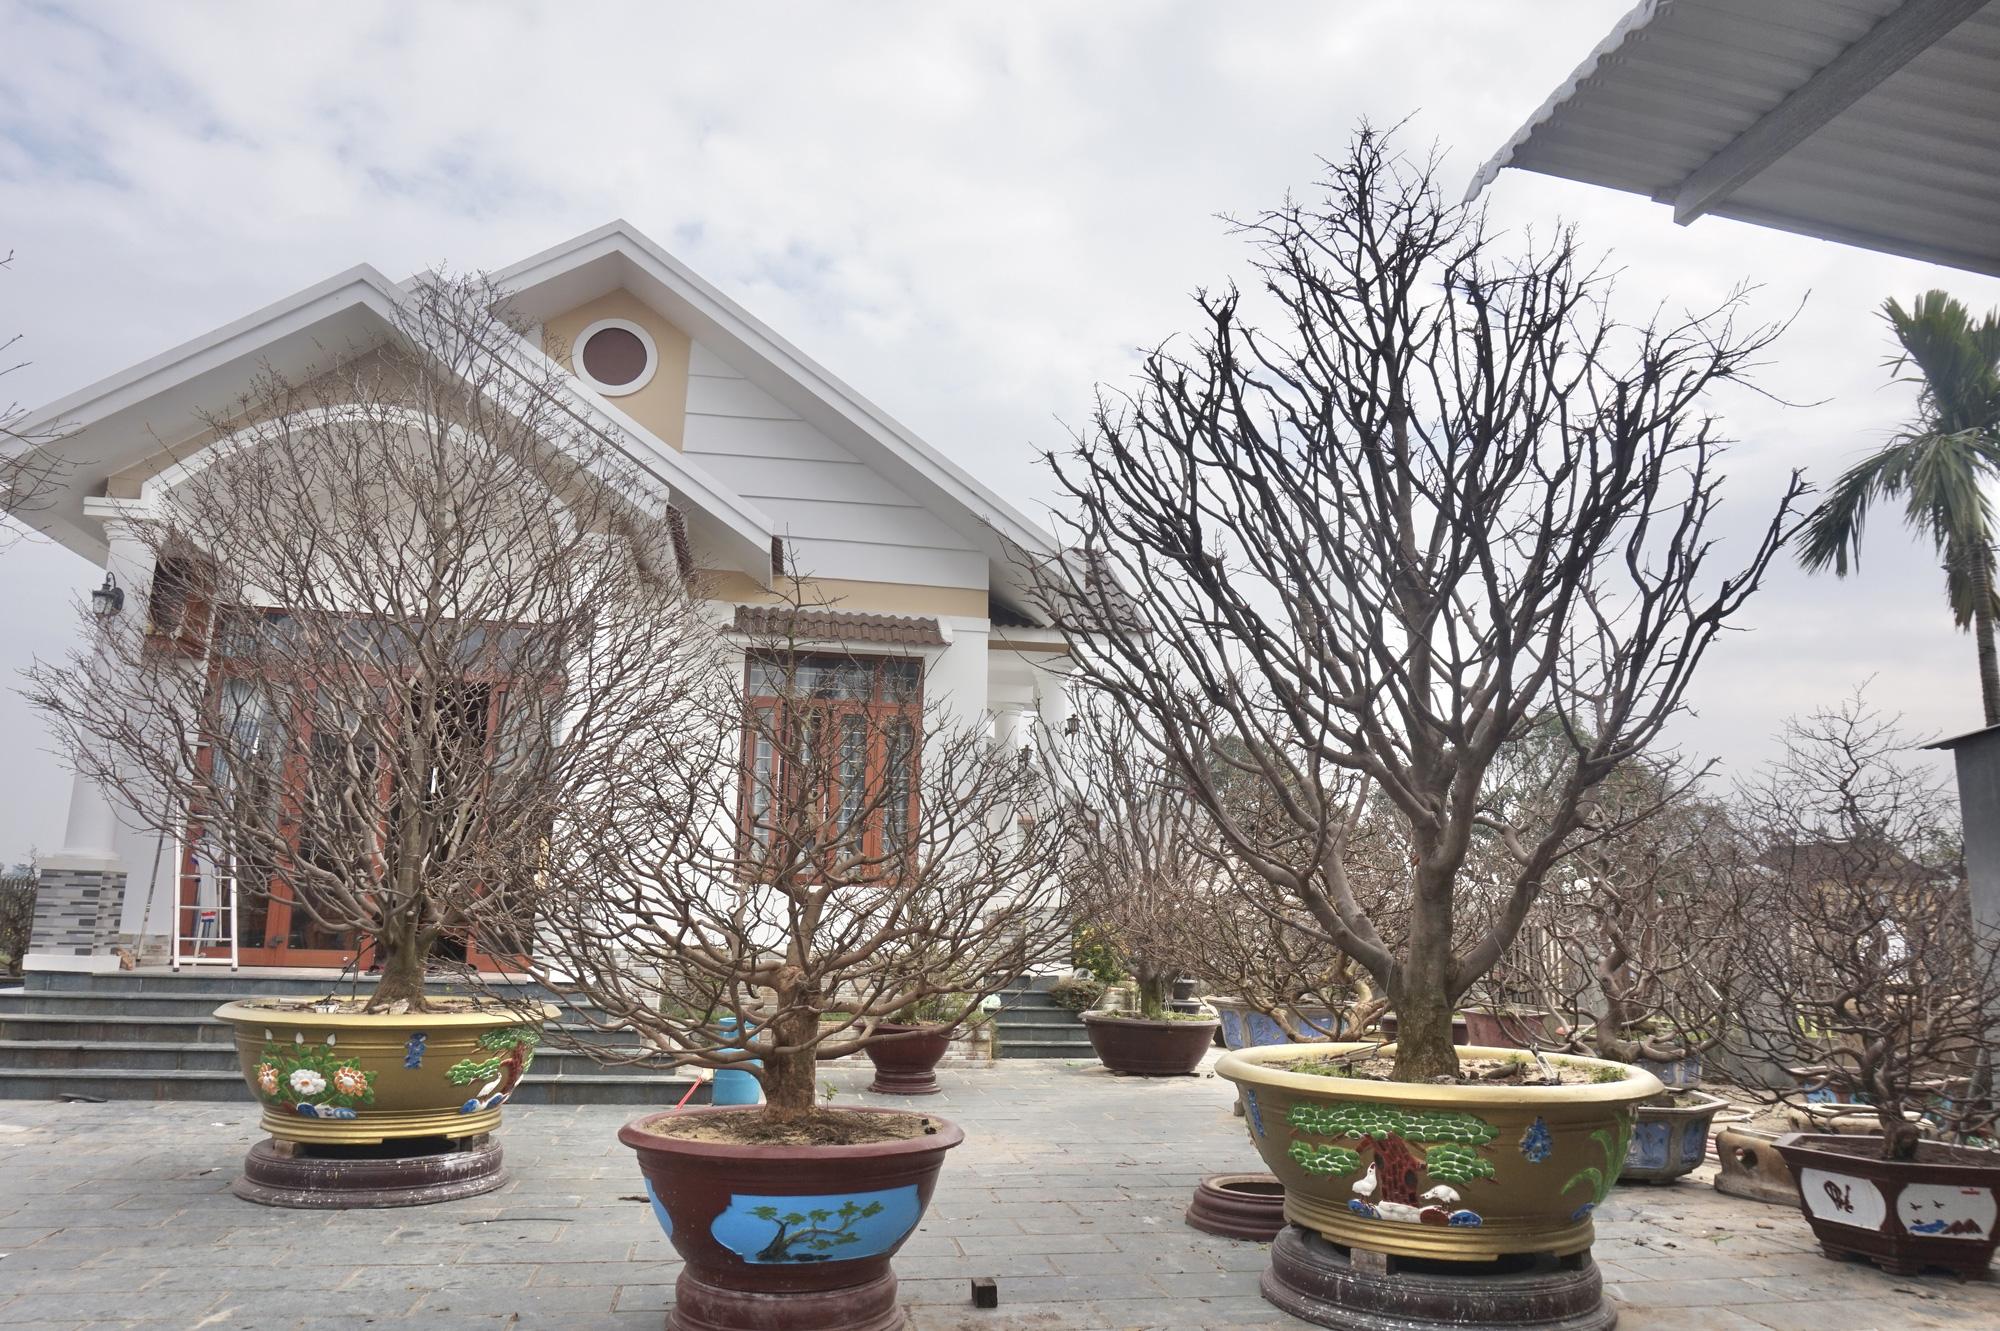 """Quảng Nam: Sở hữu vườn mai """"khủng"""", U70 được mệnh danh là """"Đệ nhất danh mai xứ Quảng"""" - Ảnh 3."""